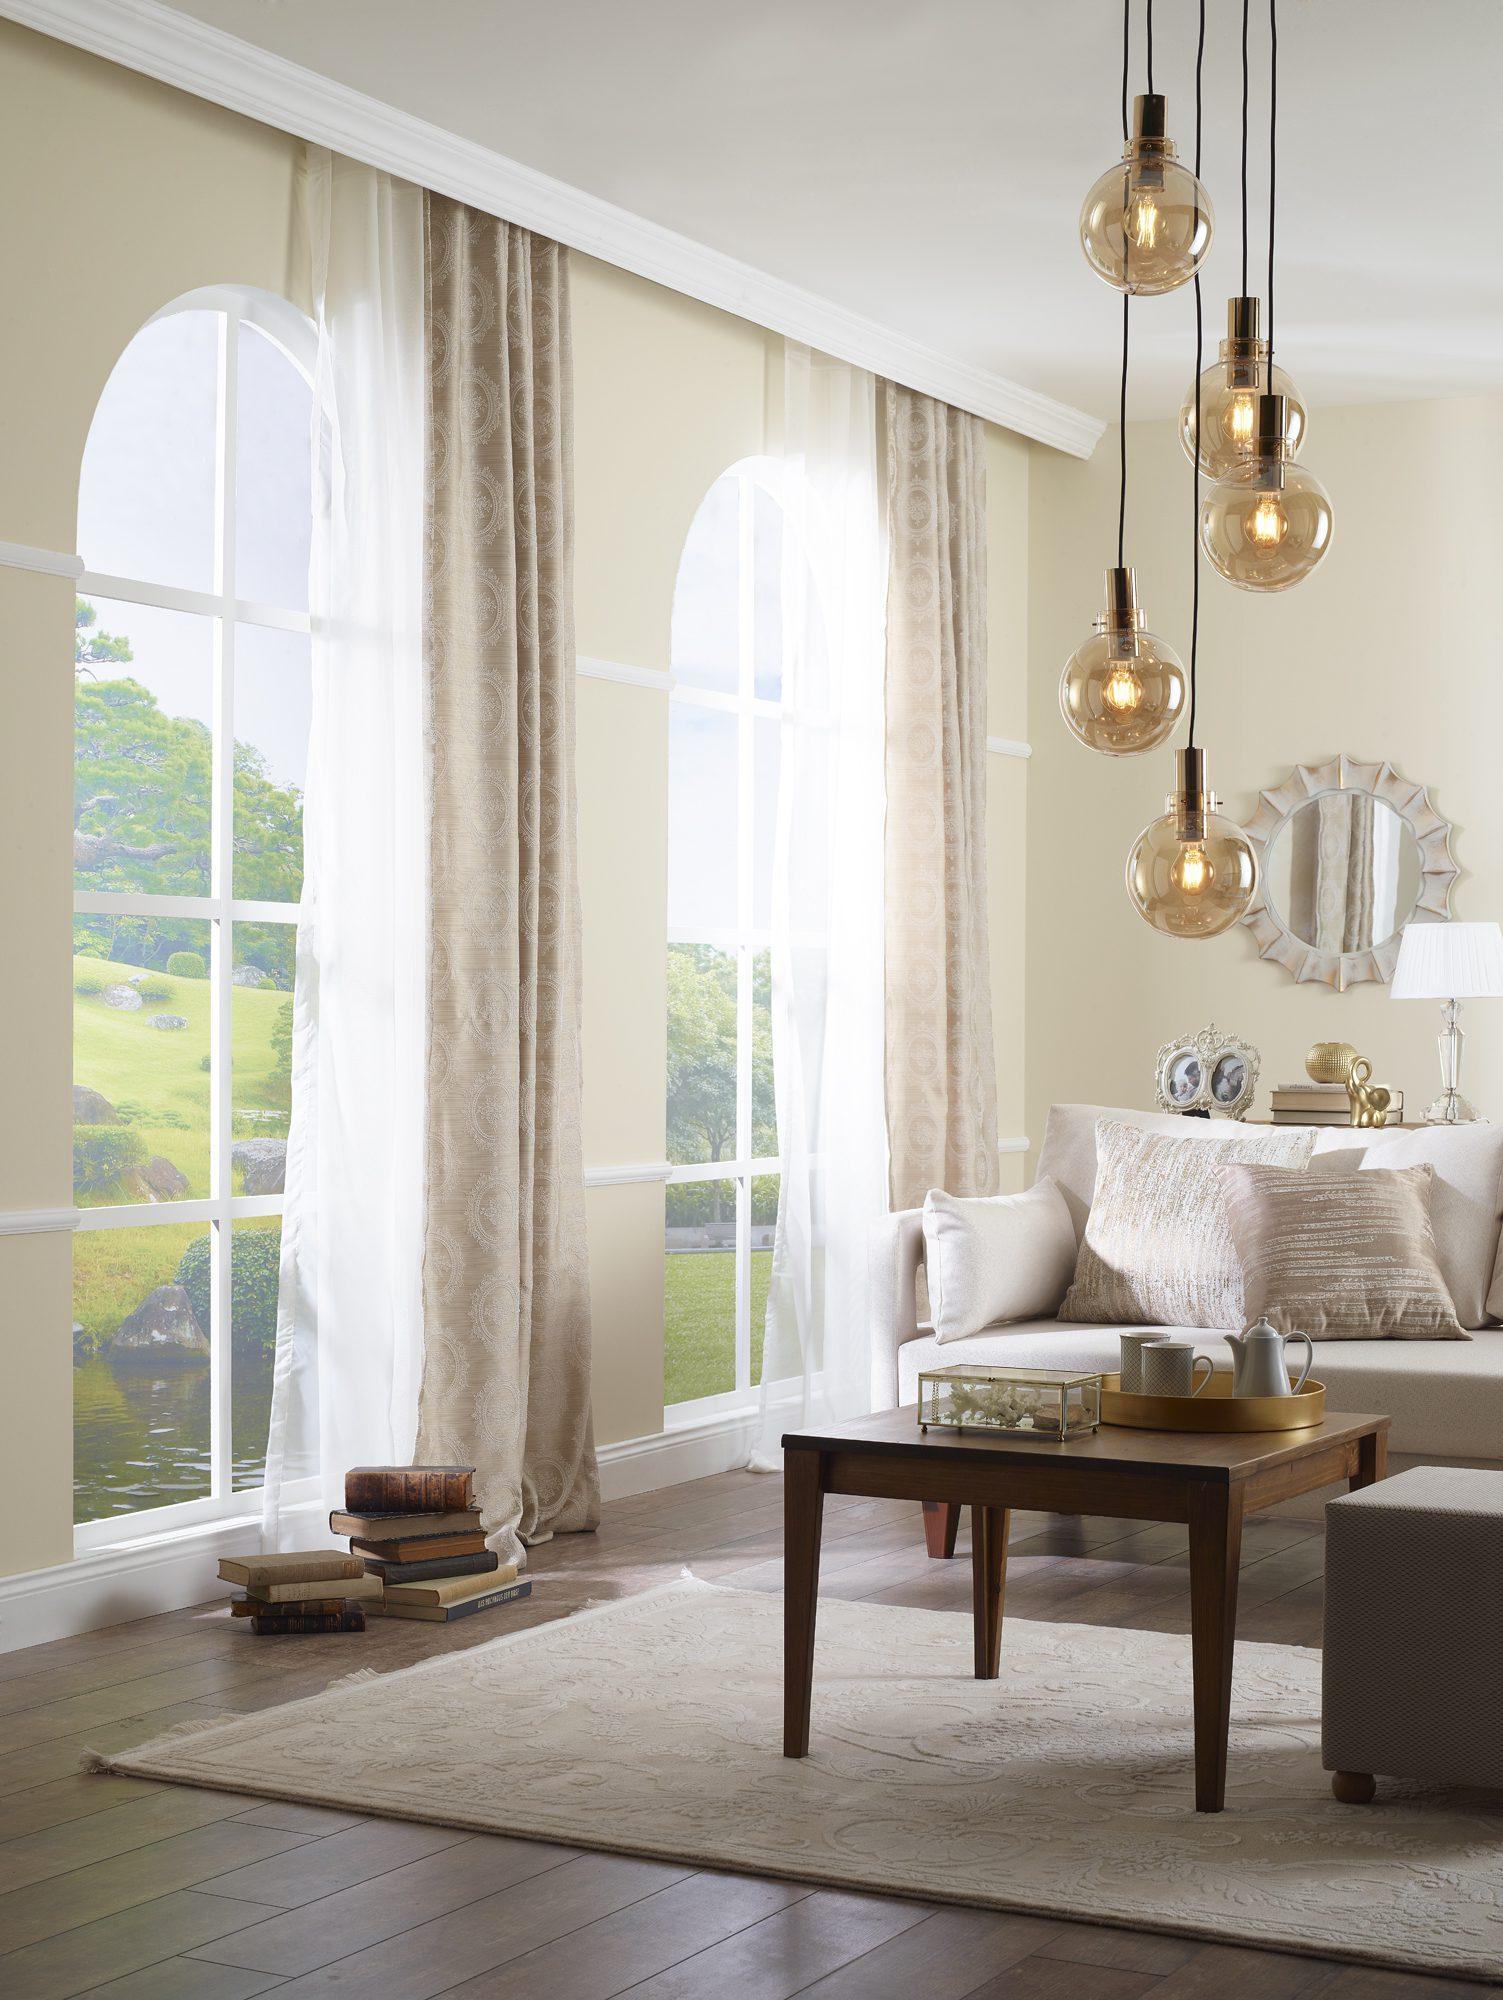 Klasik dekorasyonda ışık nasıl kullanılmalı?